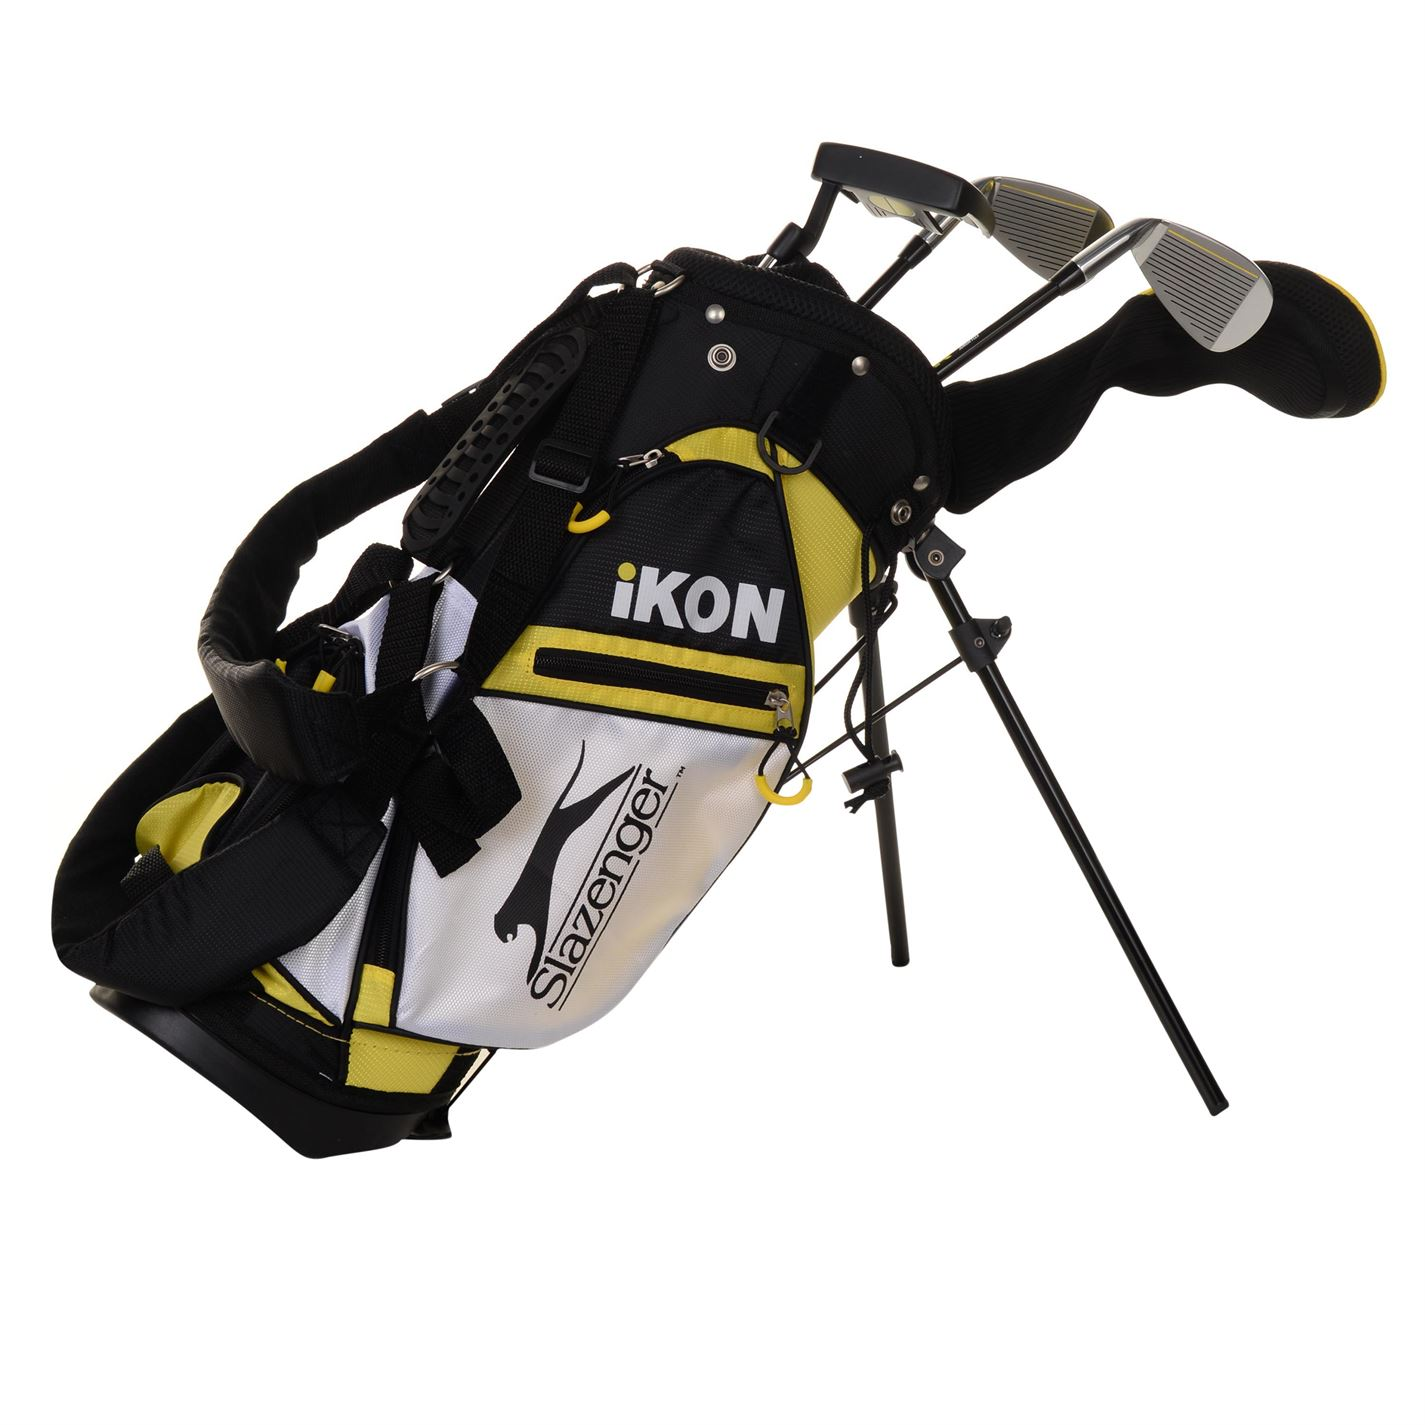 Slazenger-Kids-Ikon-Golf-Set-Junior-Graphite thumbnail 5